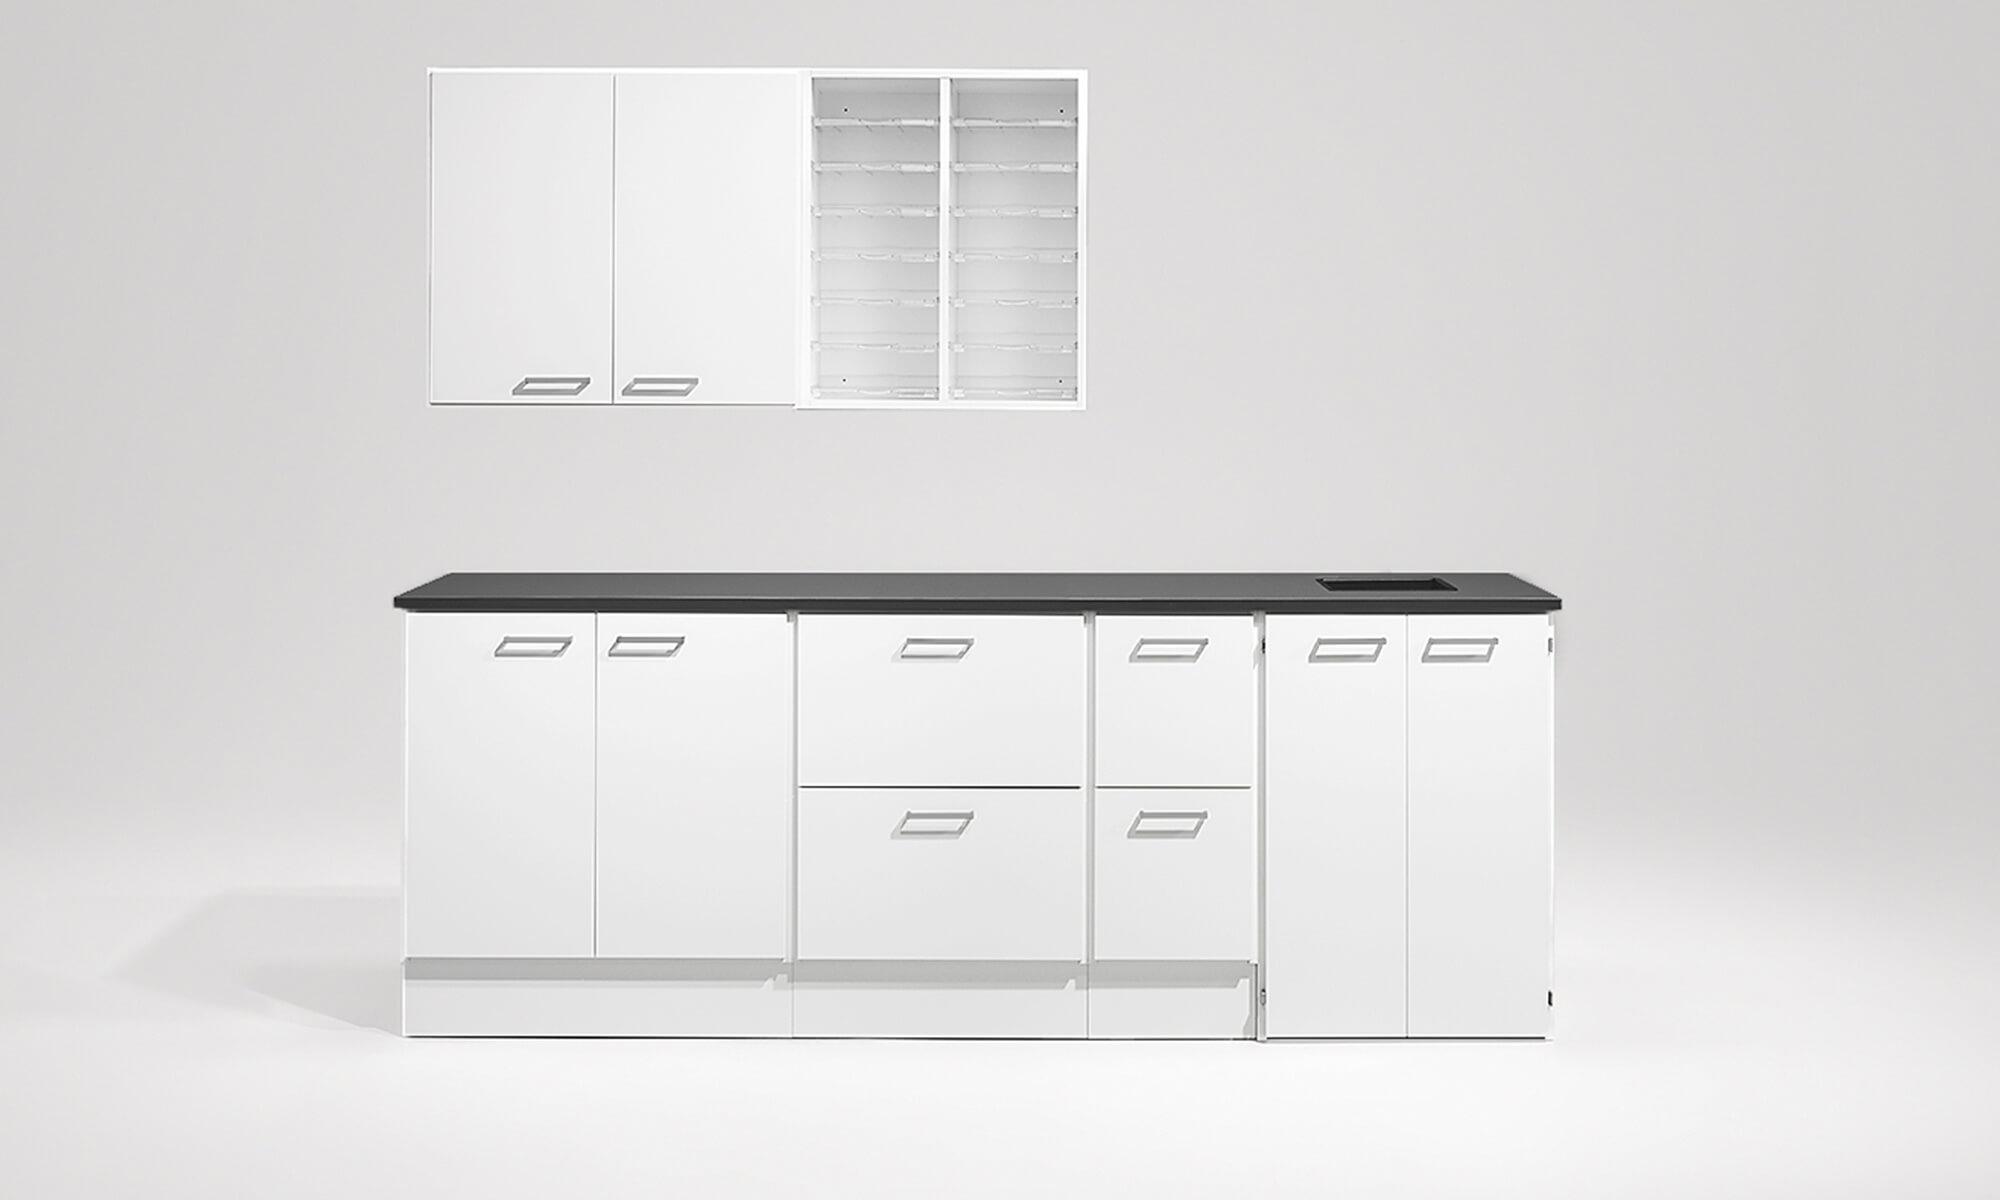 färdiga kombinationer kopieringsrum kontor kopieringsstationer copy station förvaring storage möbelfakta kontorsförvaring office storage trece